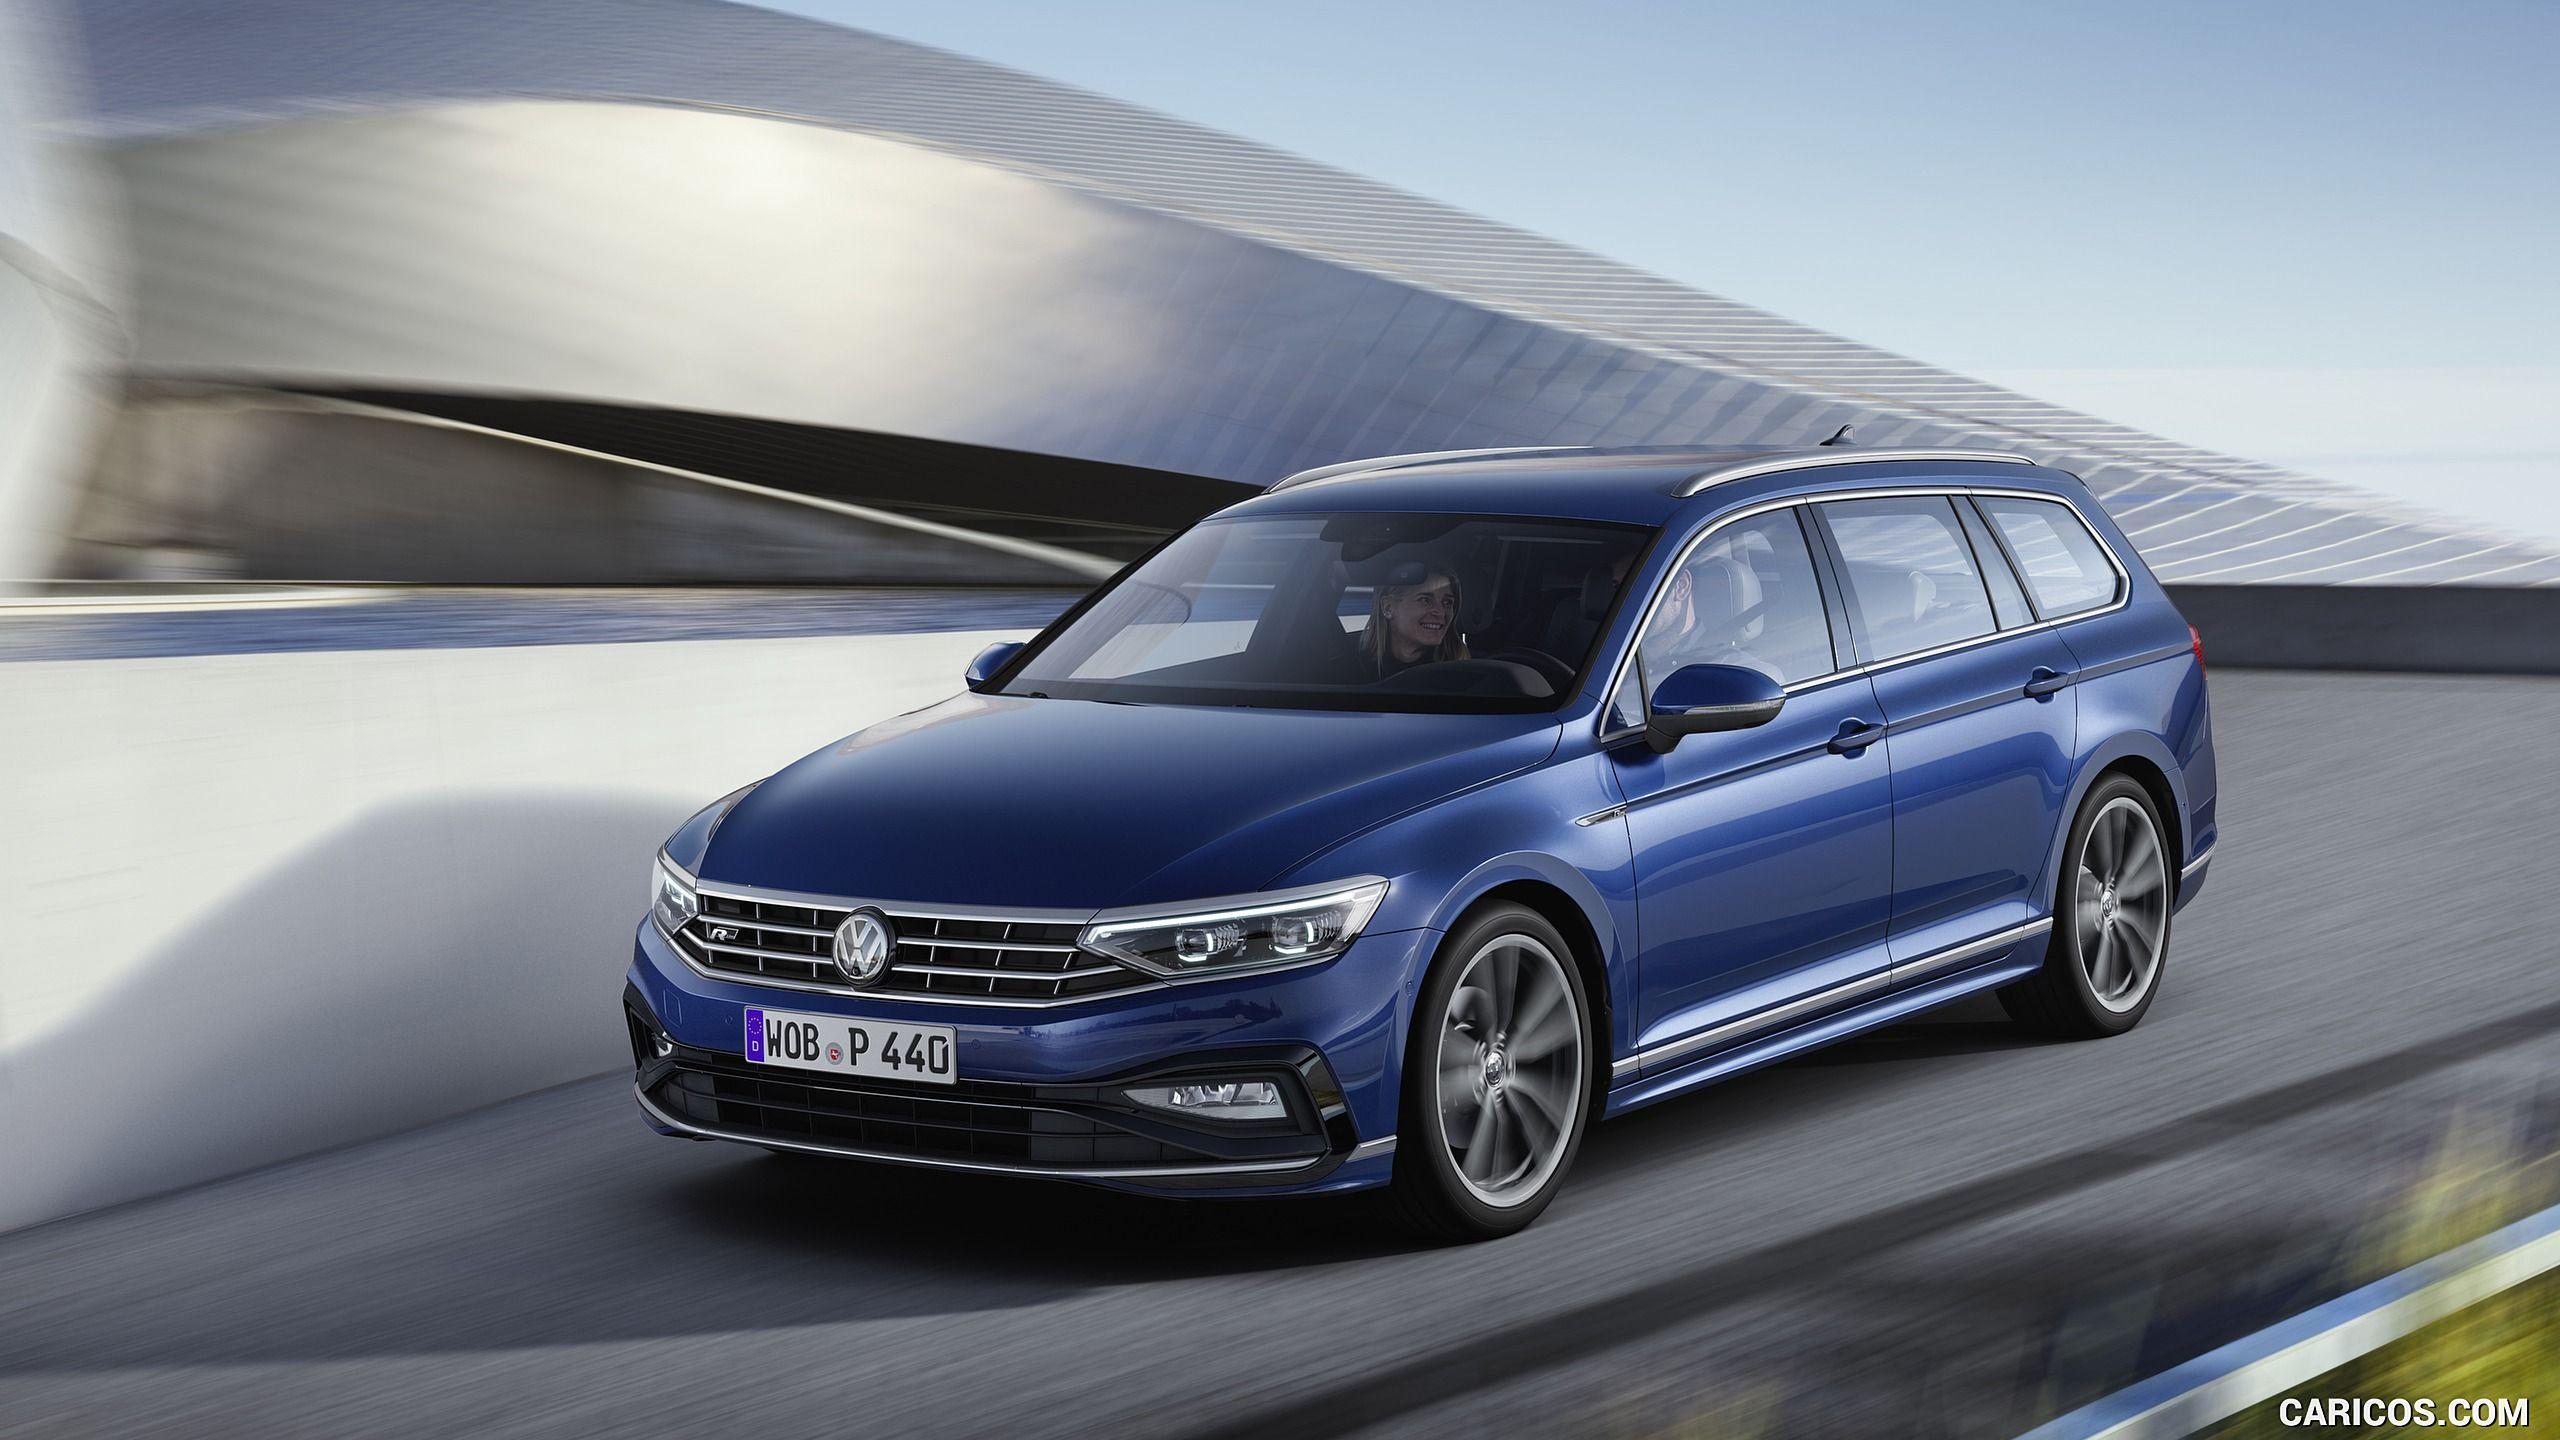 2020 Volkswagen Passat Variant Eu Spec Front Three Quarter Hd Volkswagen Passat Volkswagen Car Volkswagen